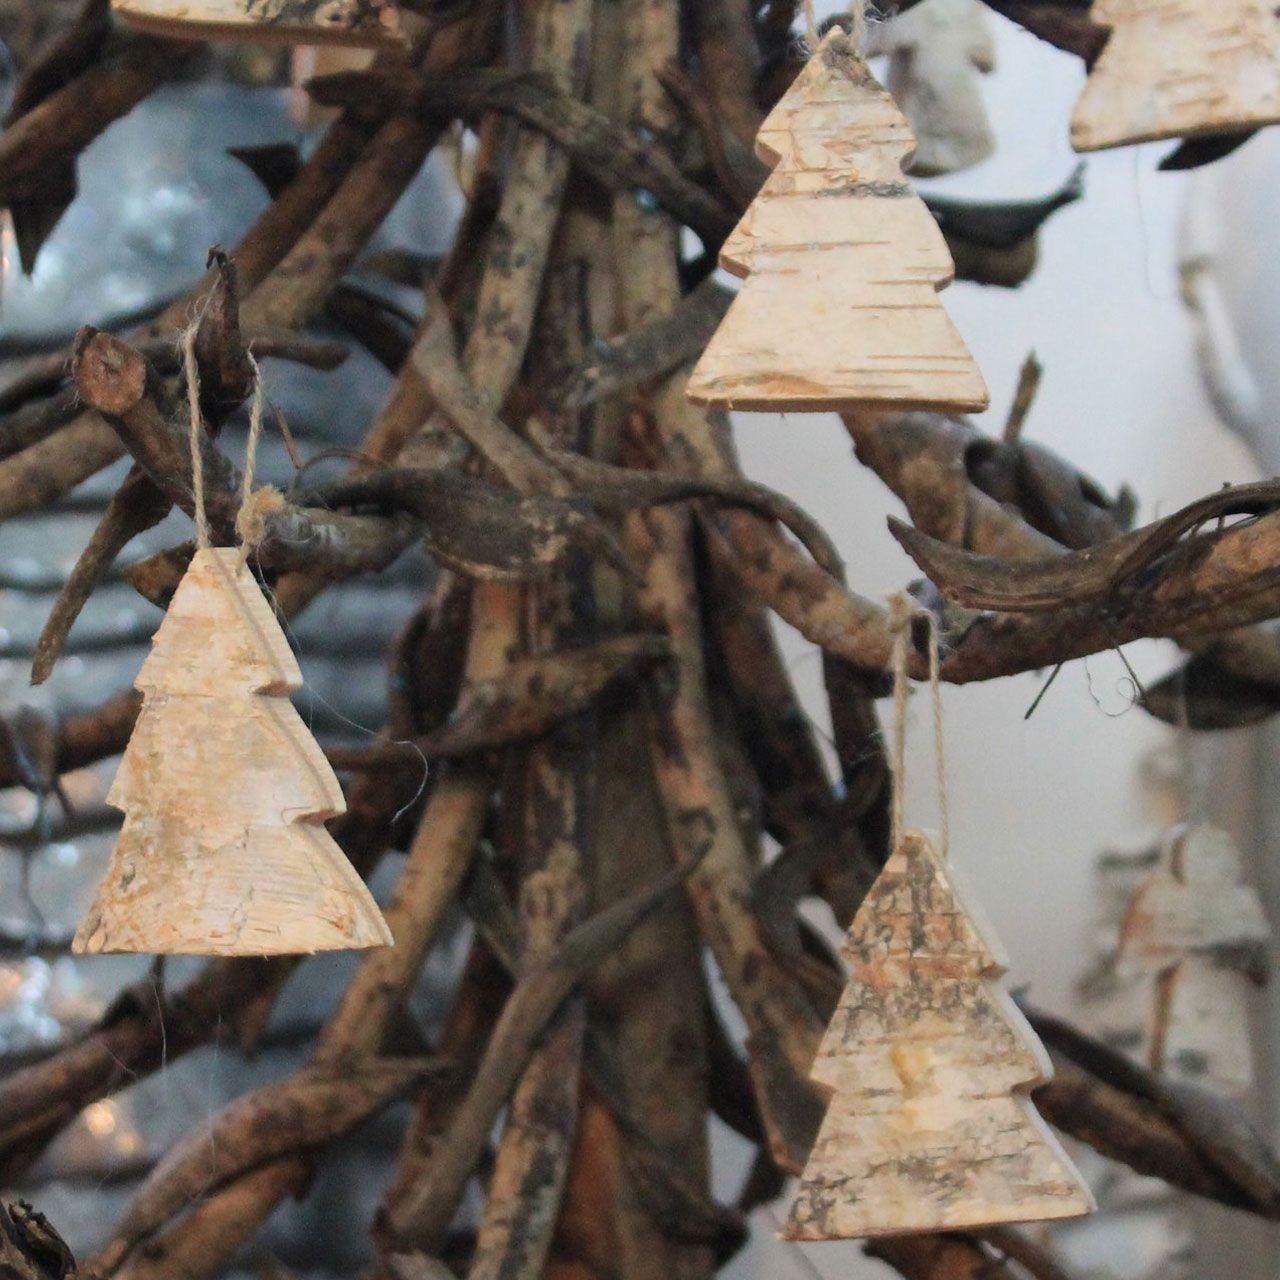 Birkenholz anhänger, winterdekoration tannenbaum